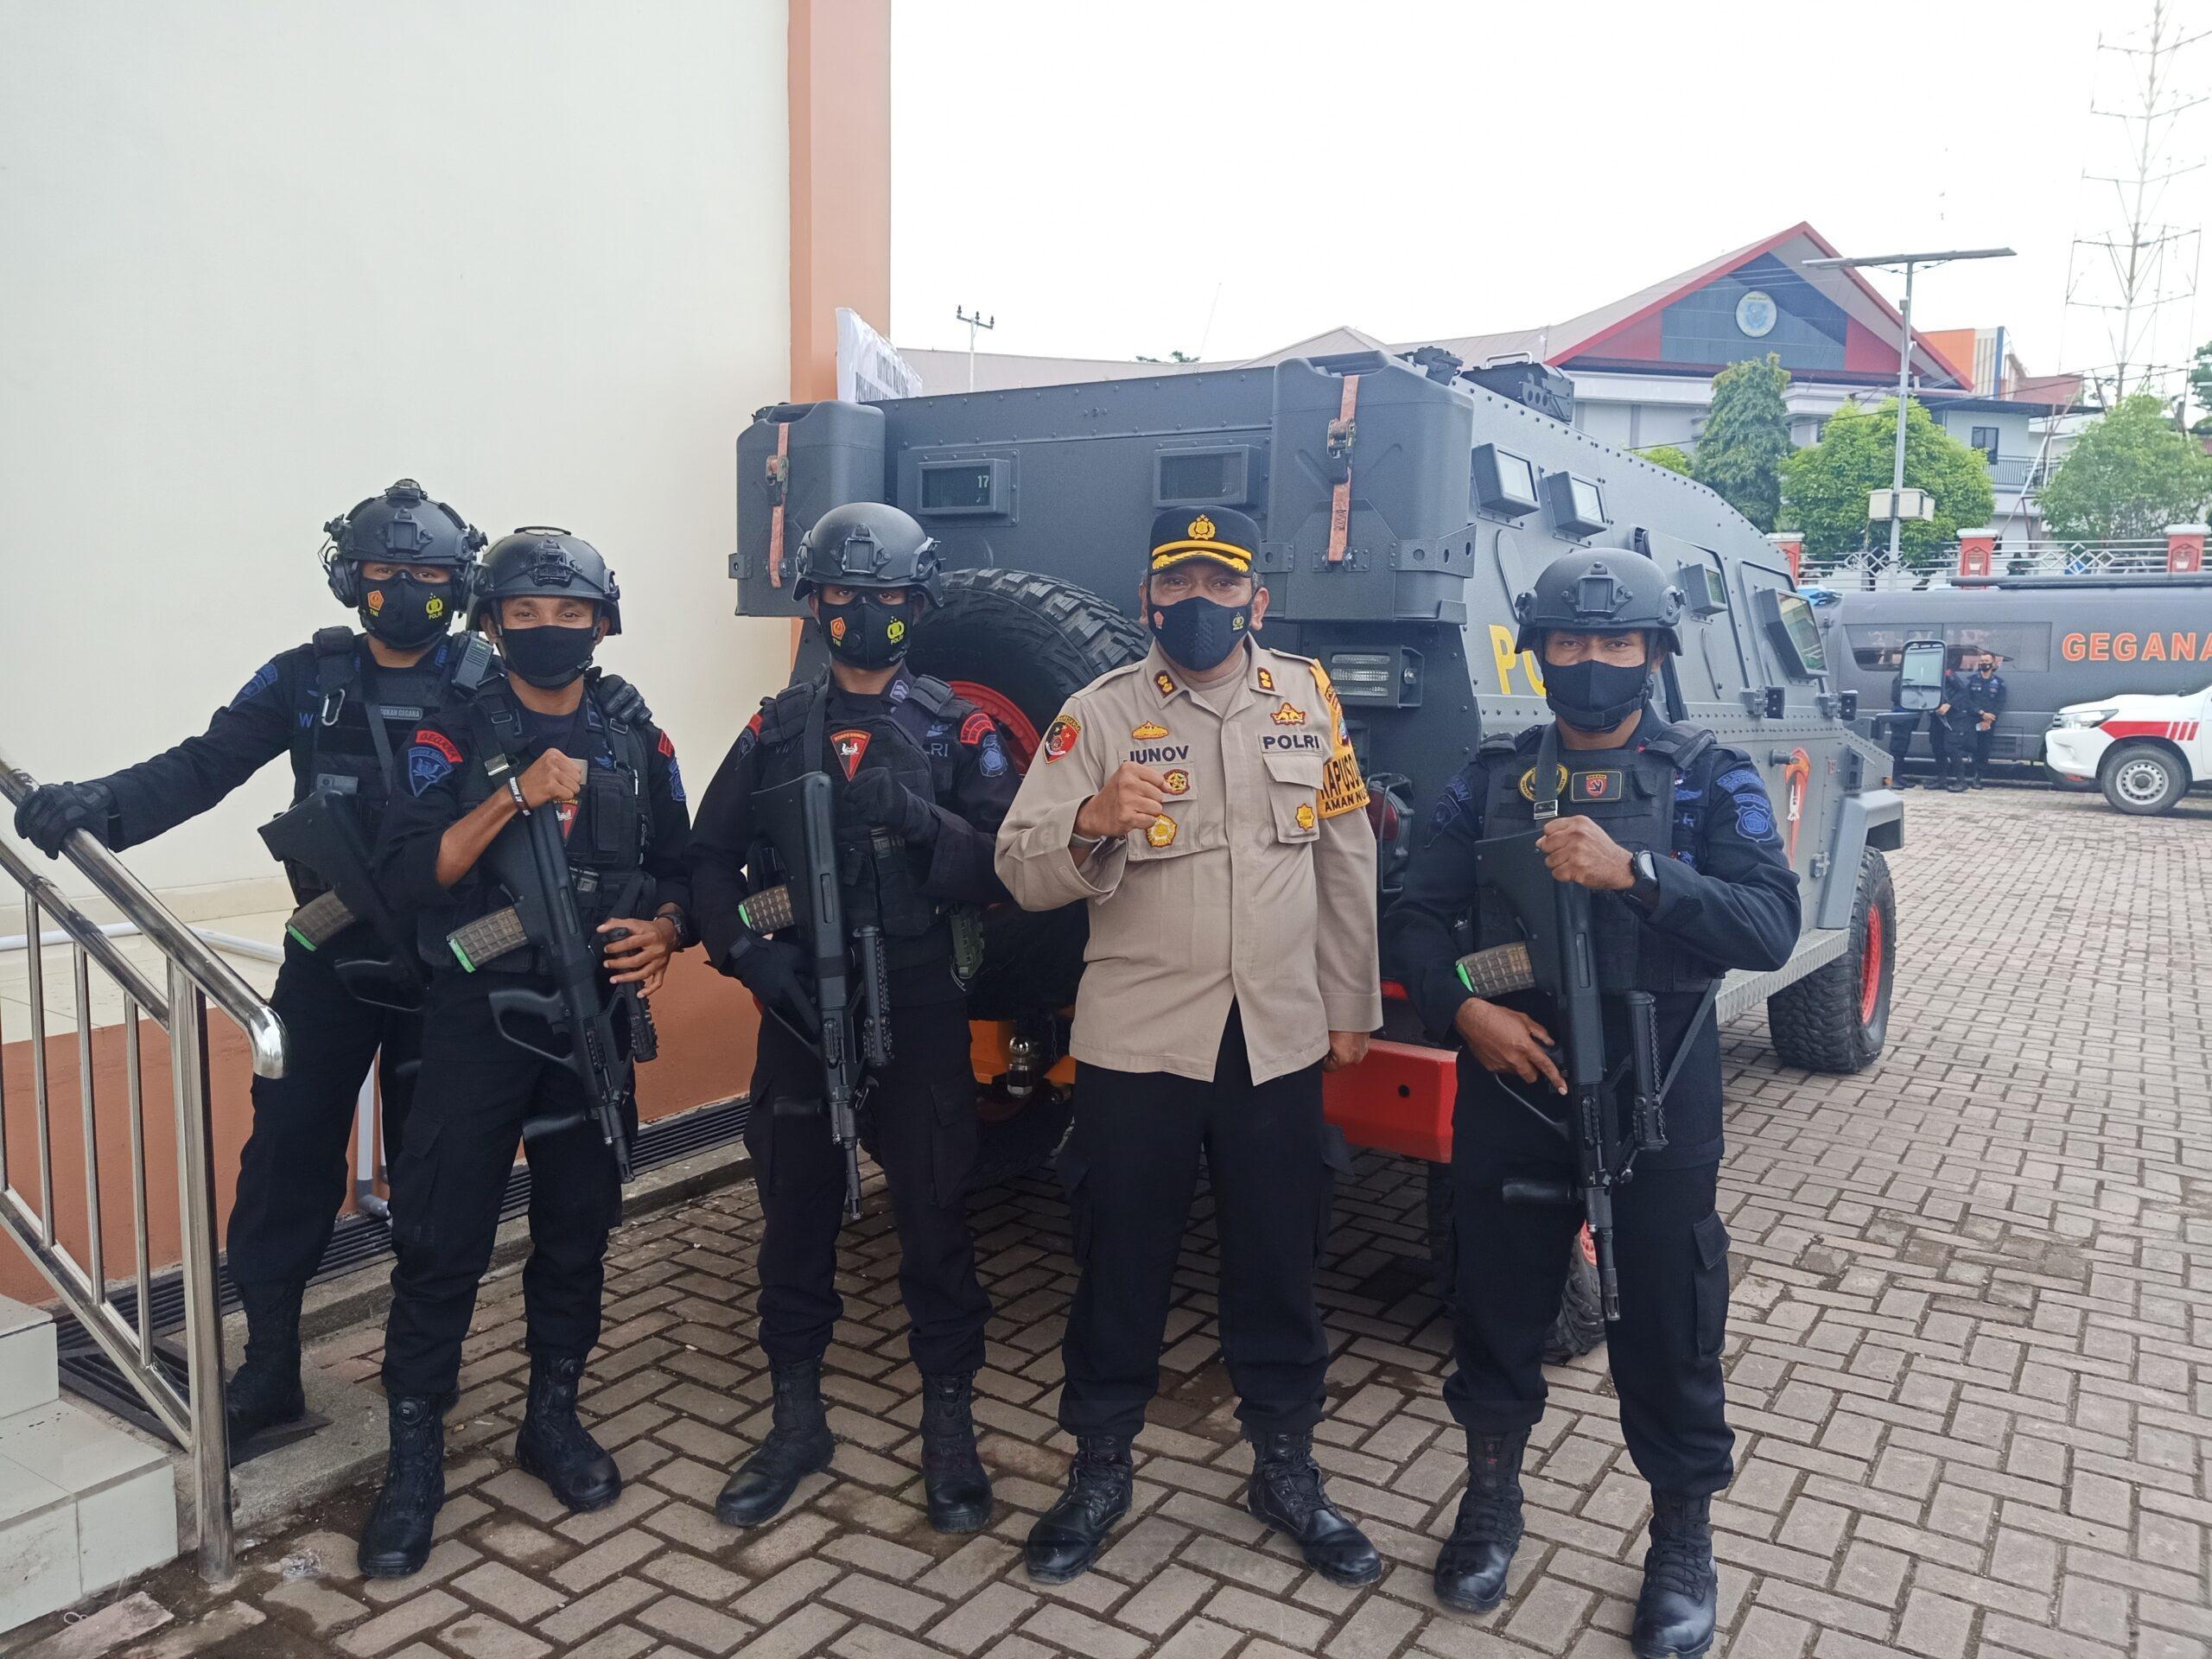 Polda Papua Barat Siapkan 432 Personel Amankan Pelantikan 4 Pasang Pemimpin Daerah 26 IMG20210226120722 scaled